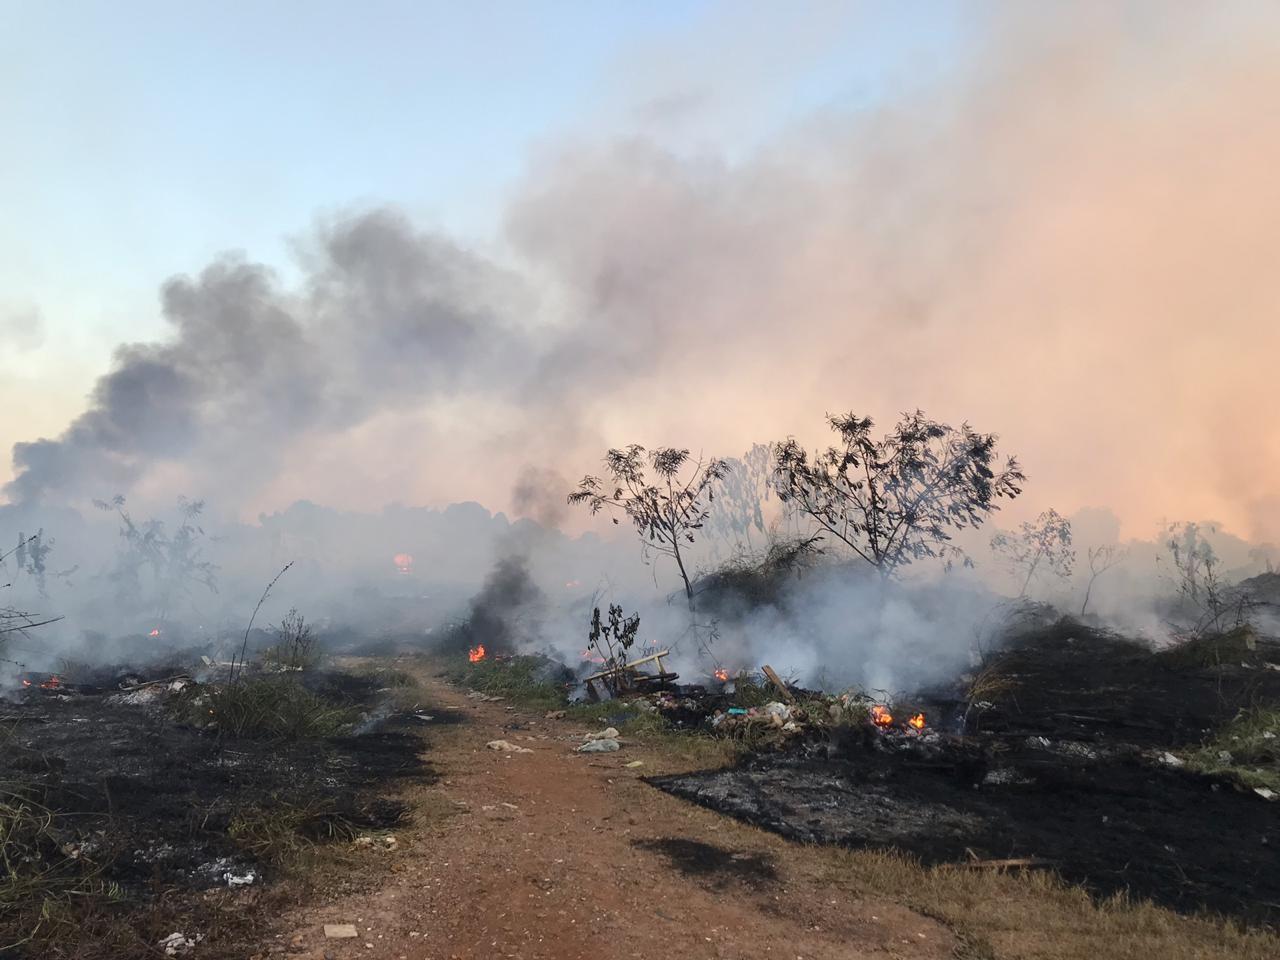 Número de focos de calor quase triplica em RO em menos de 3 meses, aponta Inpe - Notícias - Plantão Diário